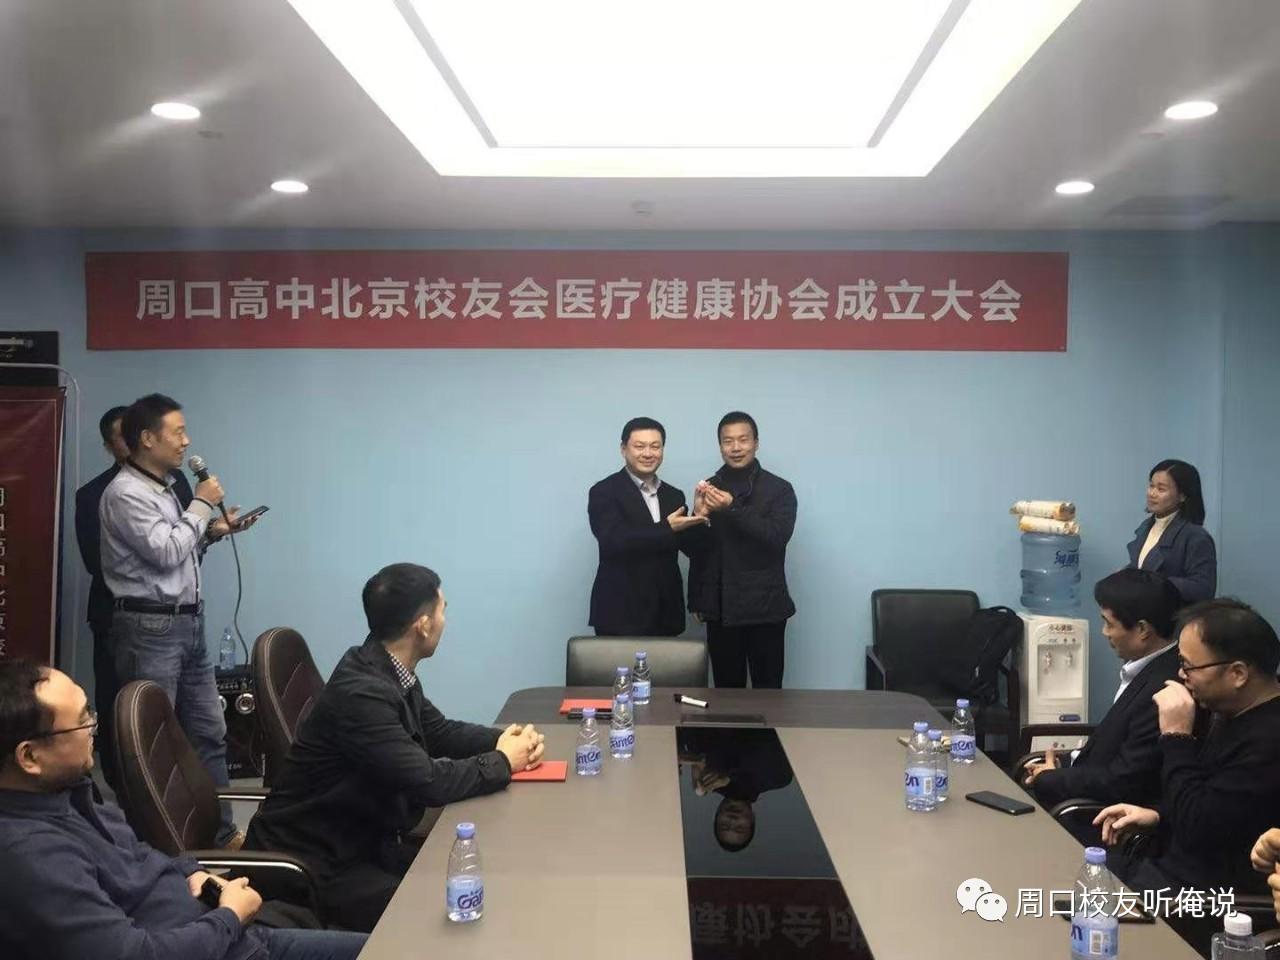 校友会副会长李昊为朱亮颁发名誉会长证书